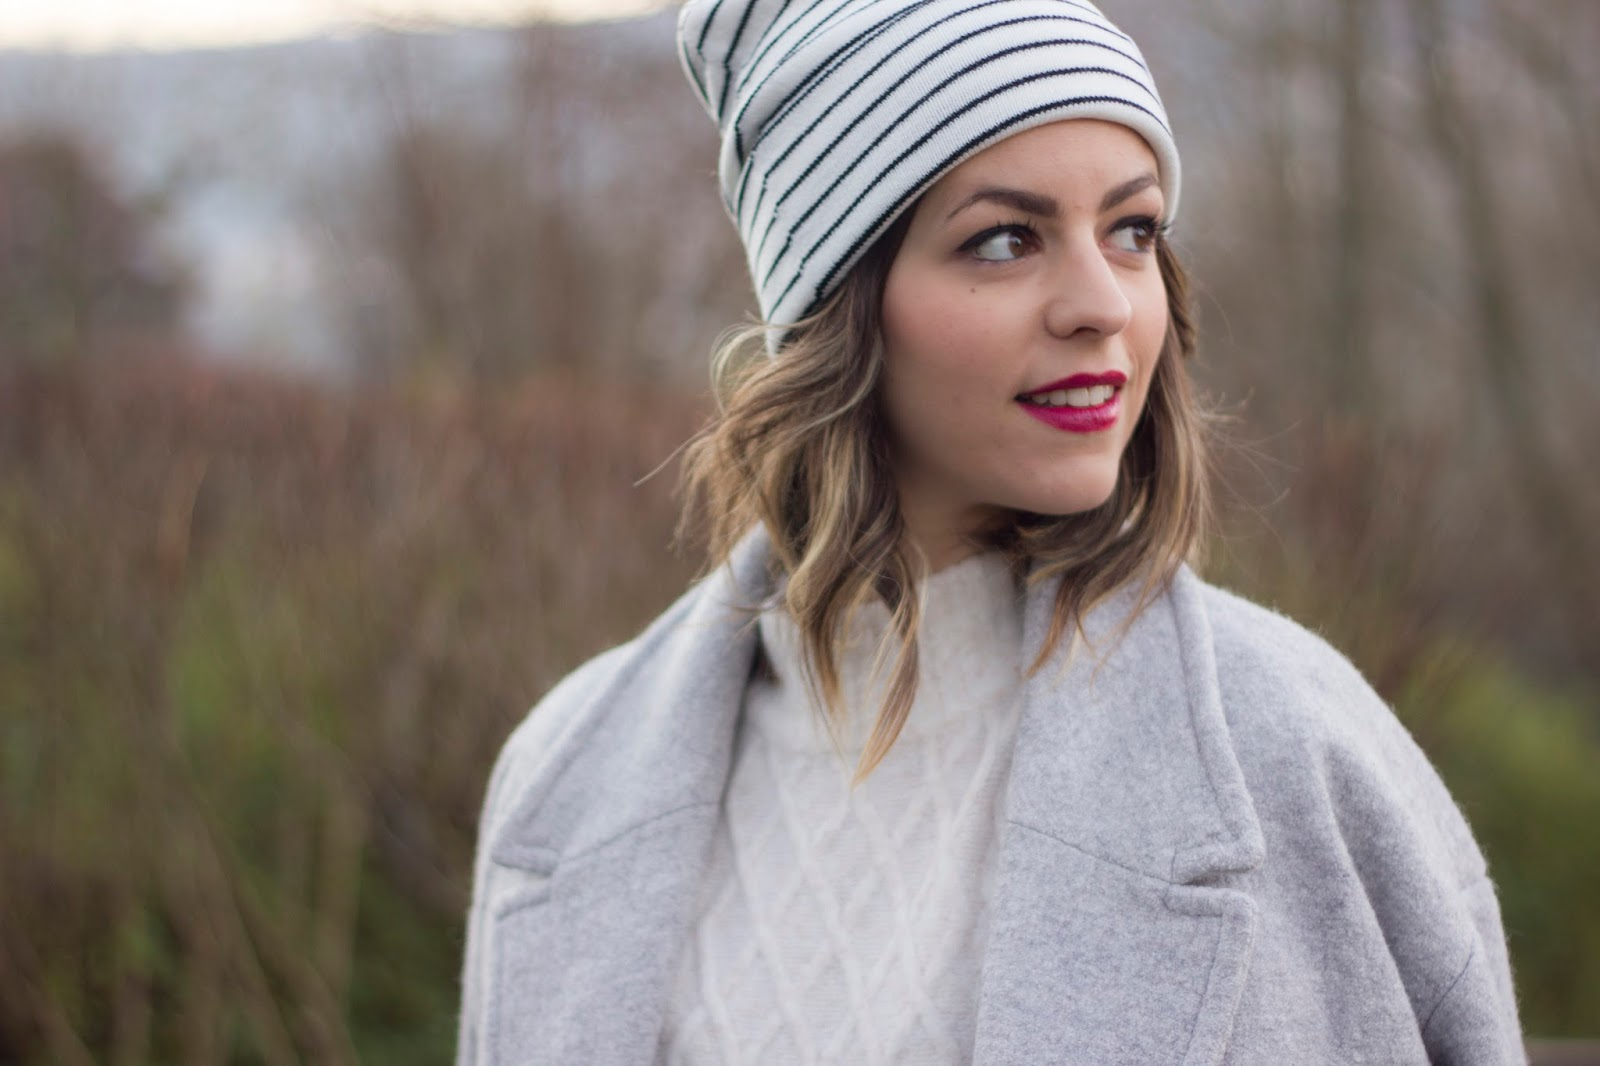 comment-rehausser-look-en-hiver-avec-accessoires 140b2ad9996